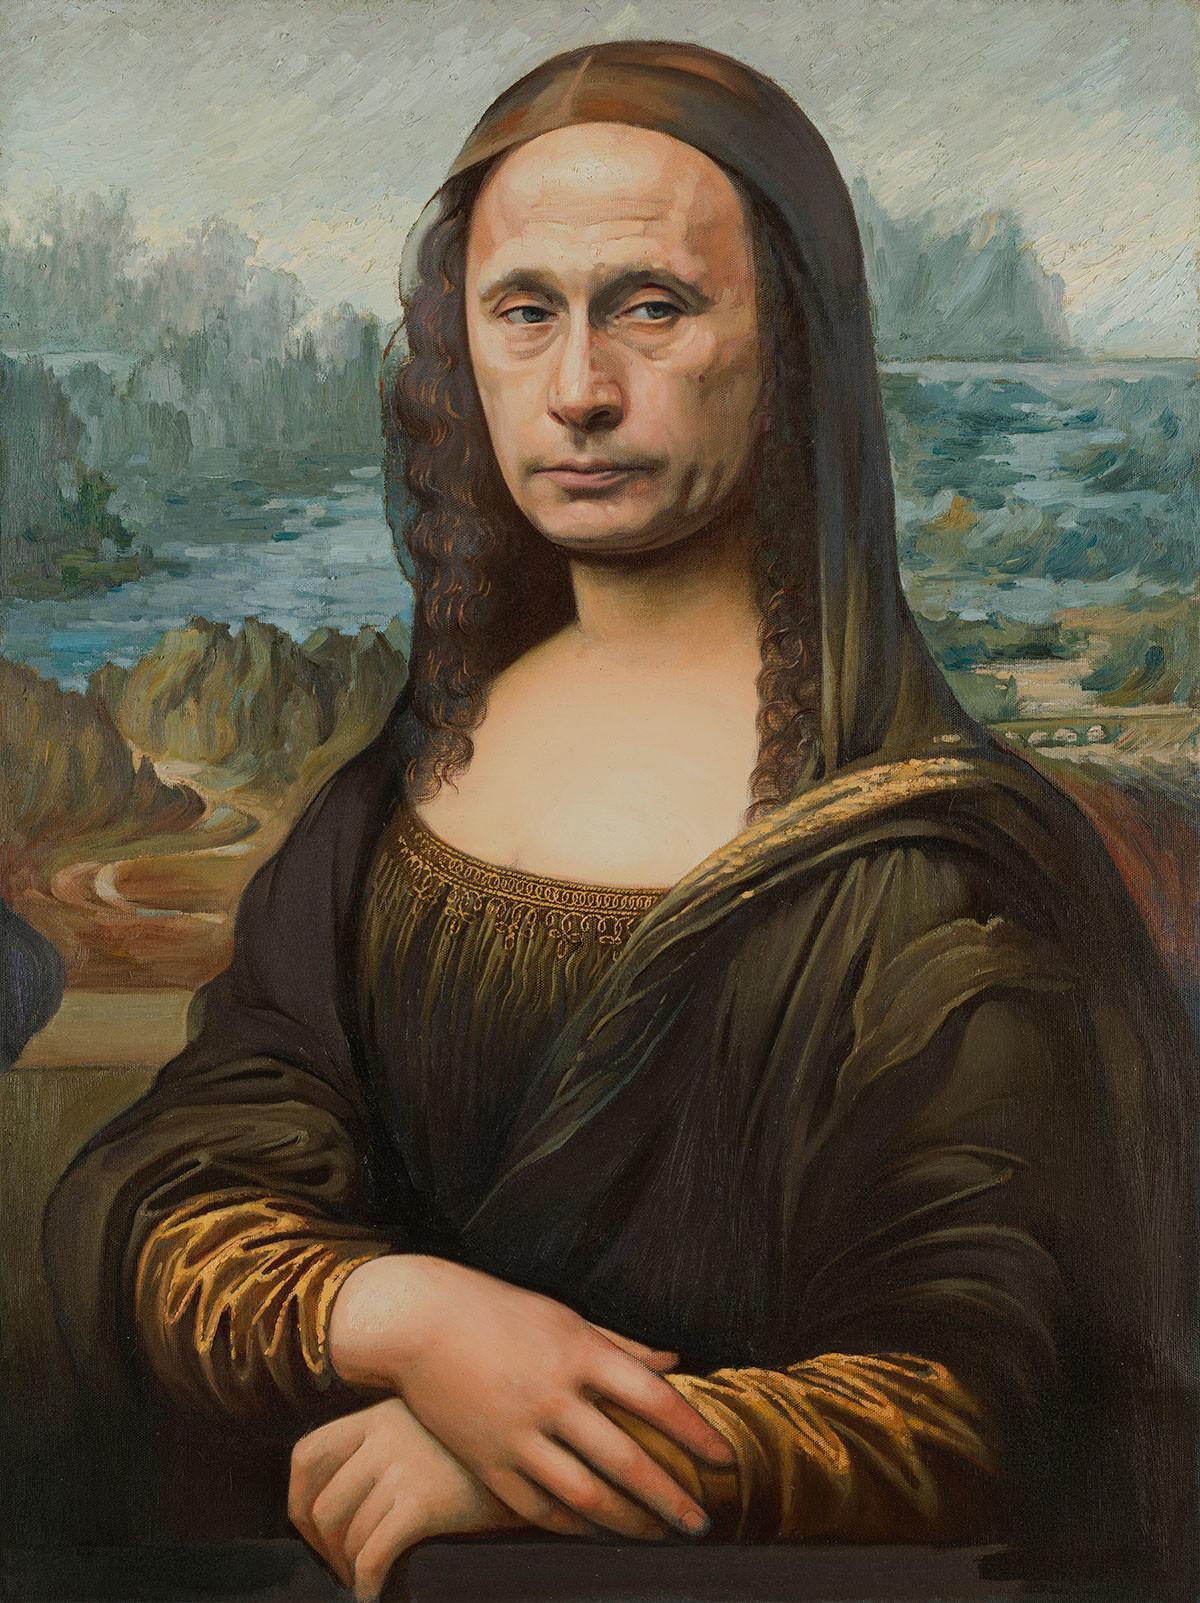 Александр Косолапов. Мона Лиза, 2020